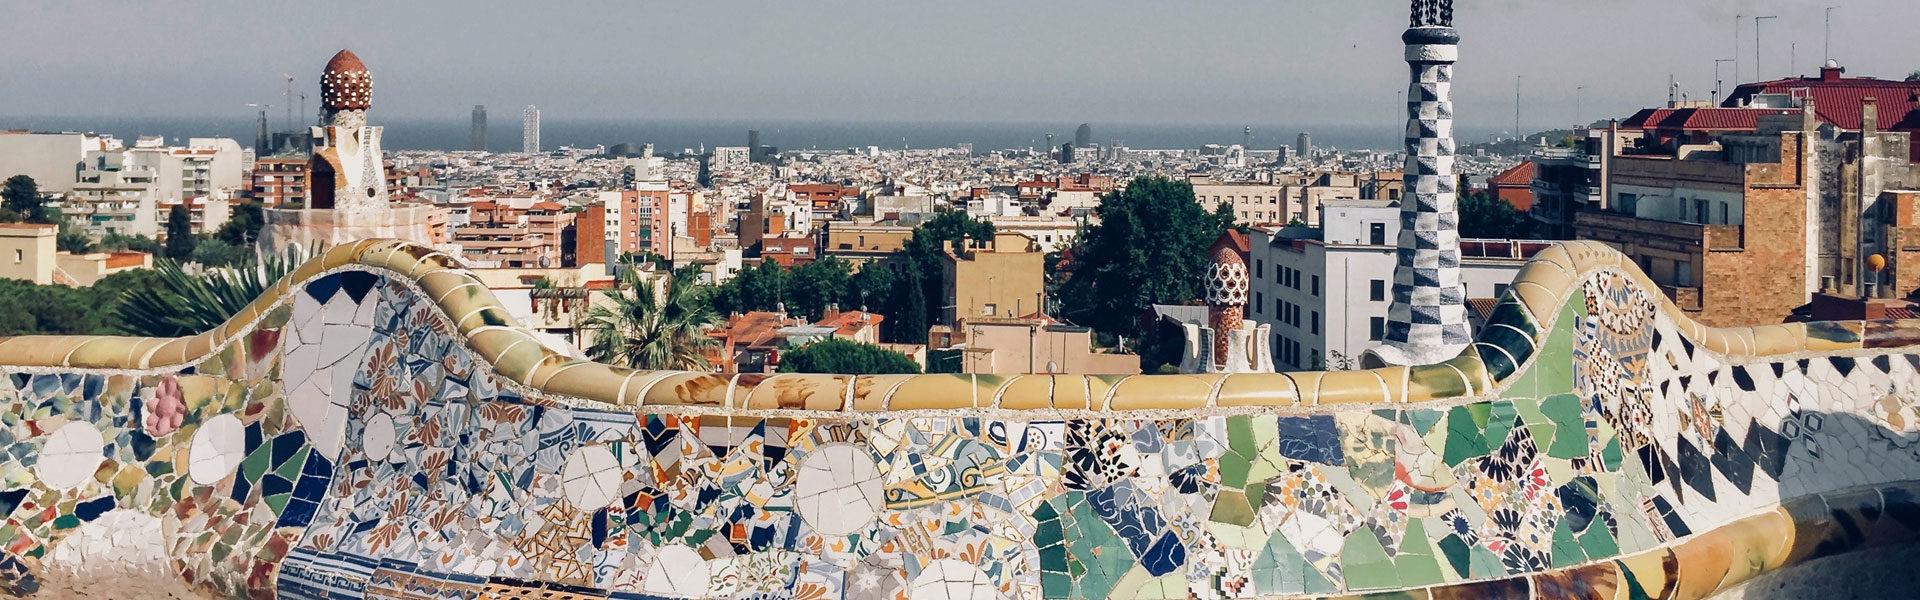 selecao-de-airbnb-em-barcelona